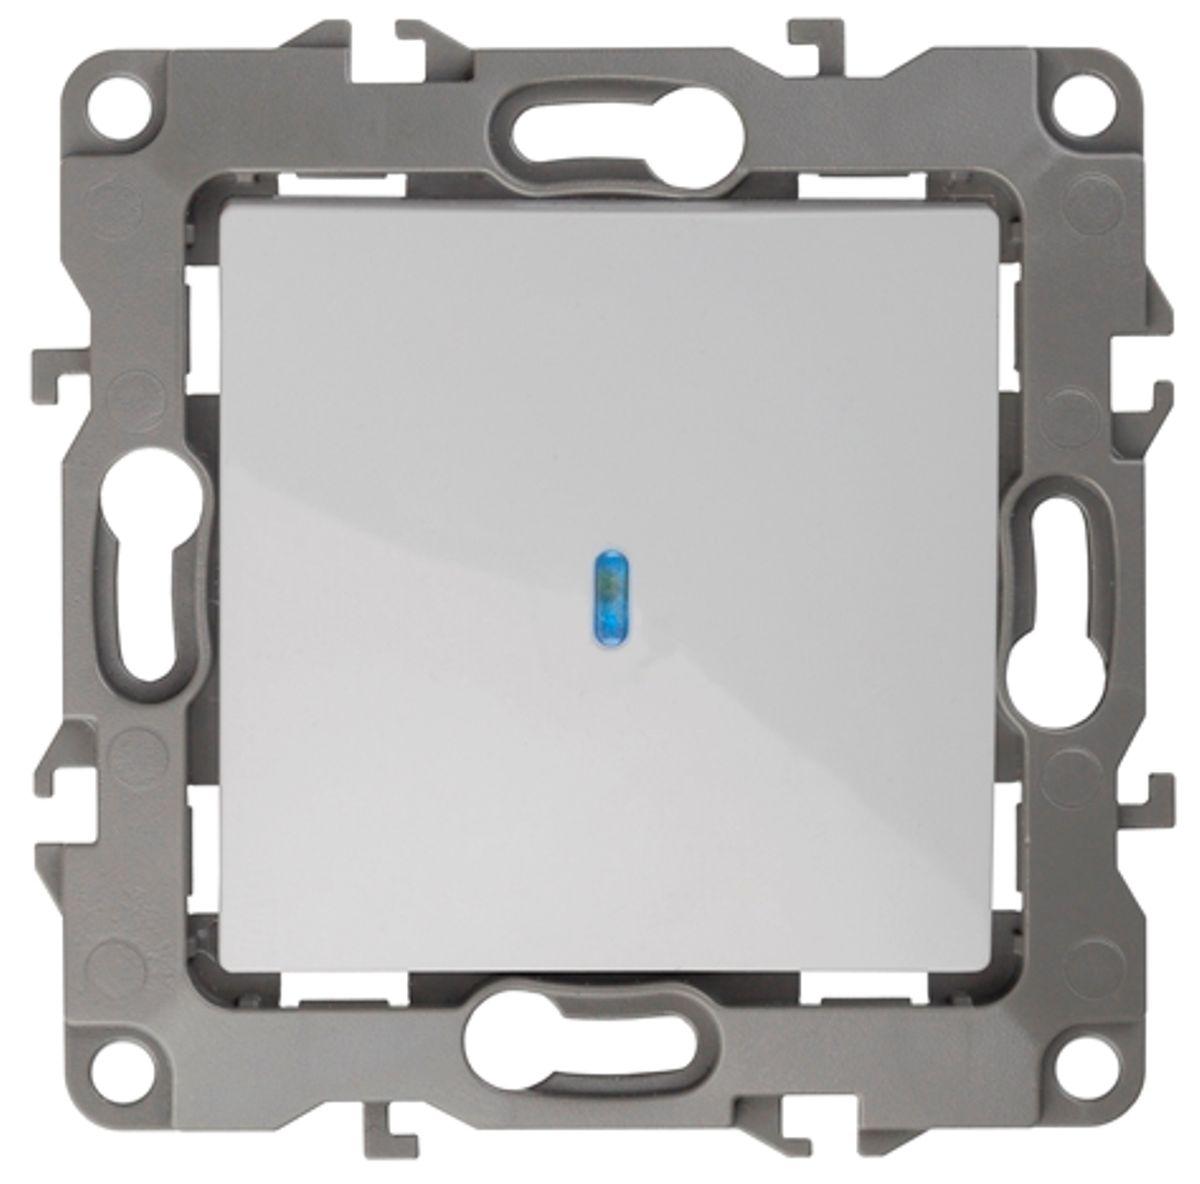 """Выключатель """"ЭРА"""", с подсветкой, цвет: белый, серый. 12-1102 12-1102-01"""